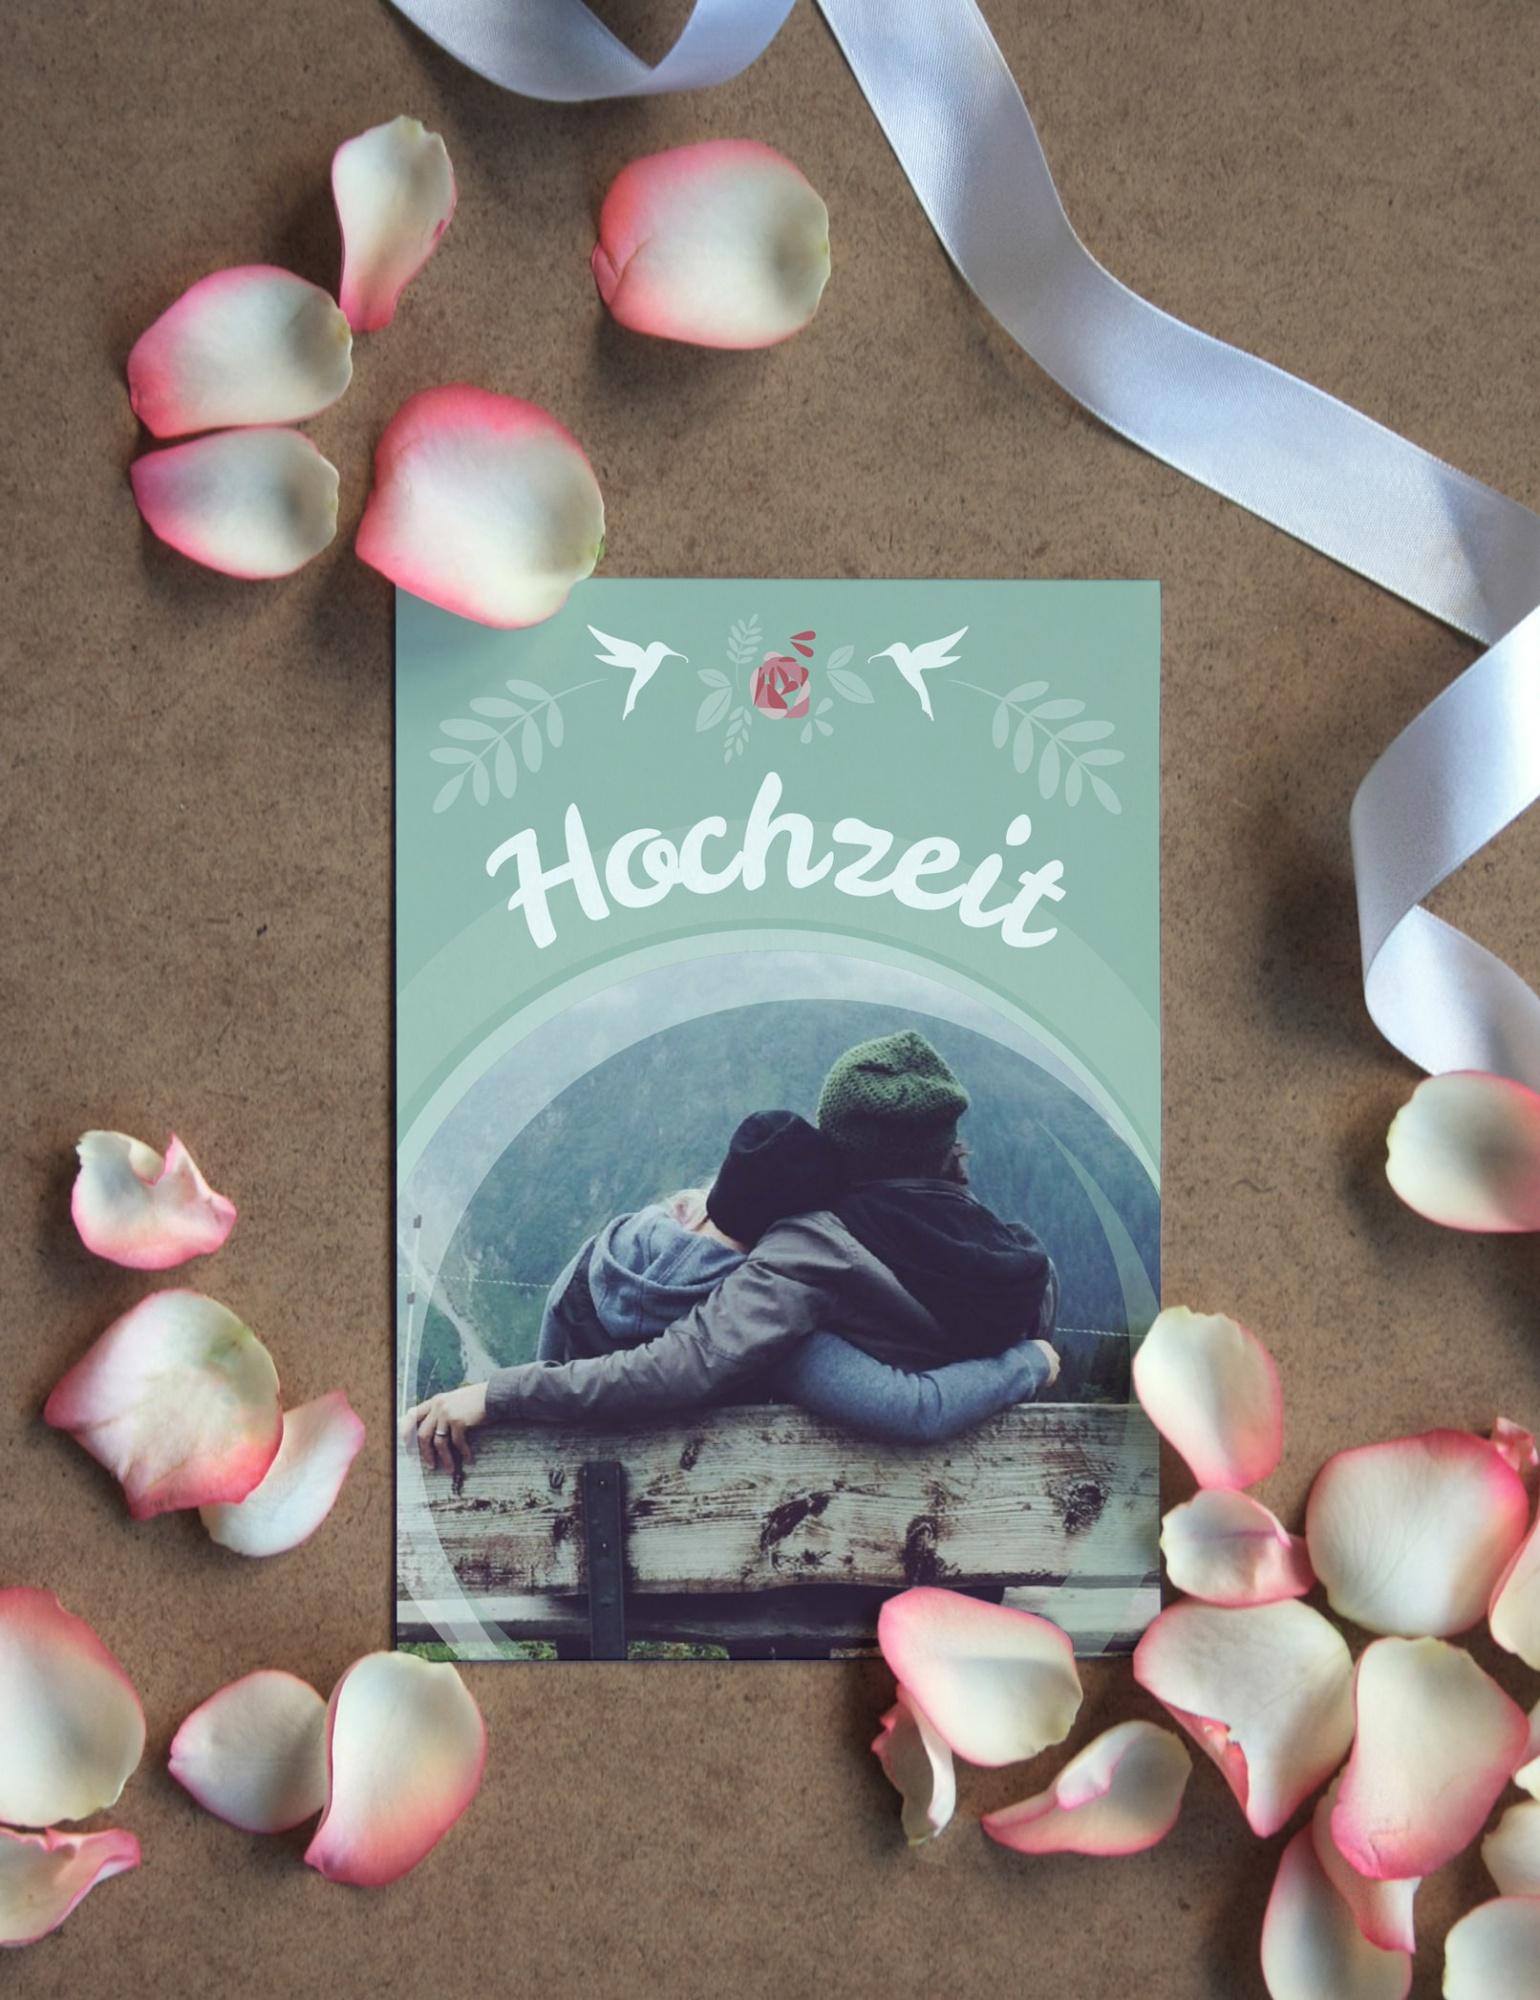 Mockup: Hochzeitskarte von Rosenblättern umgeben